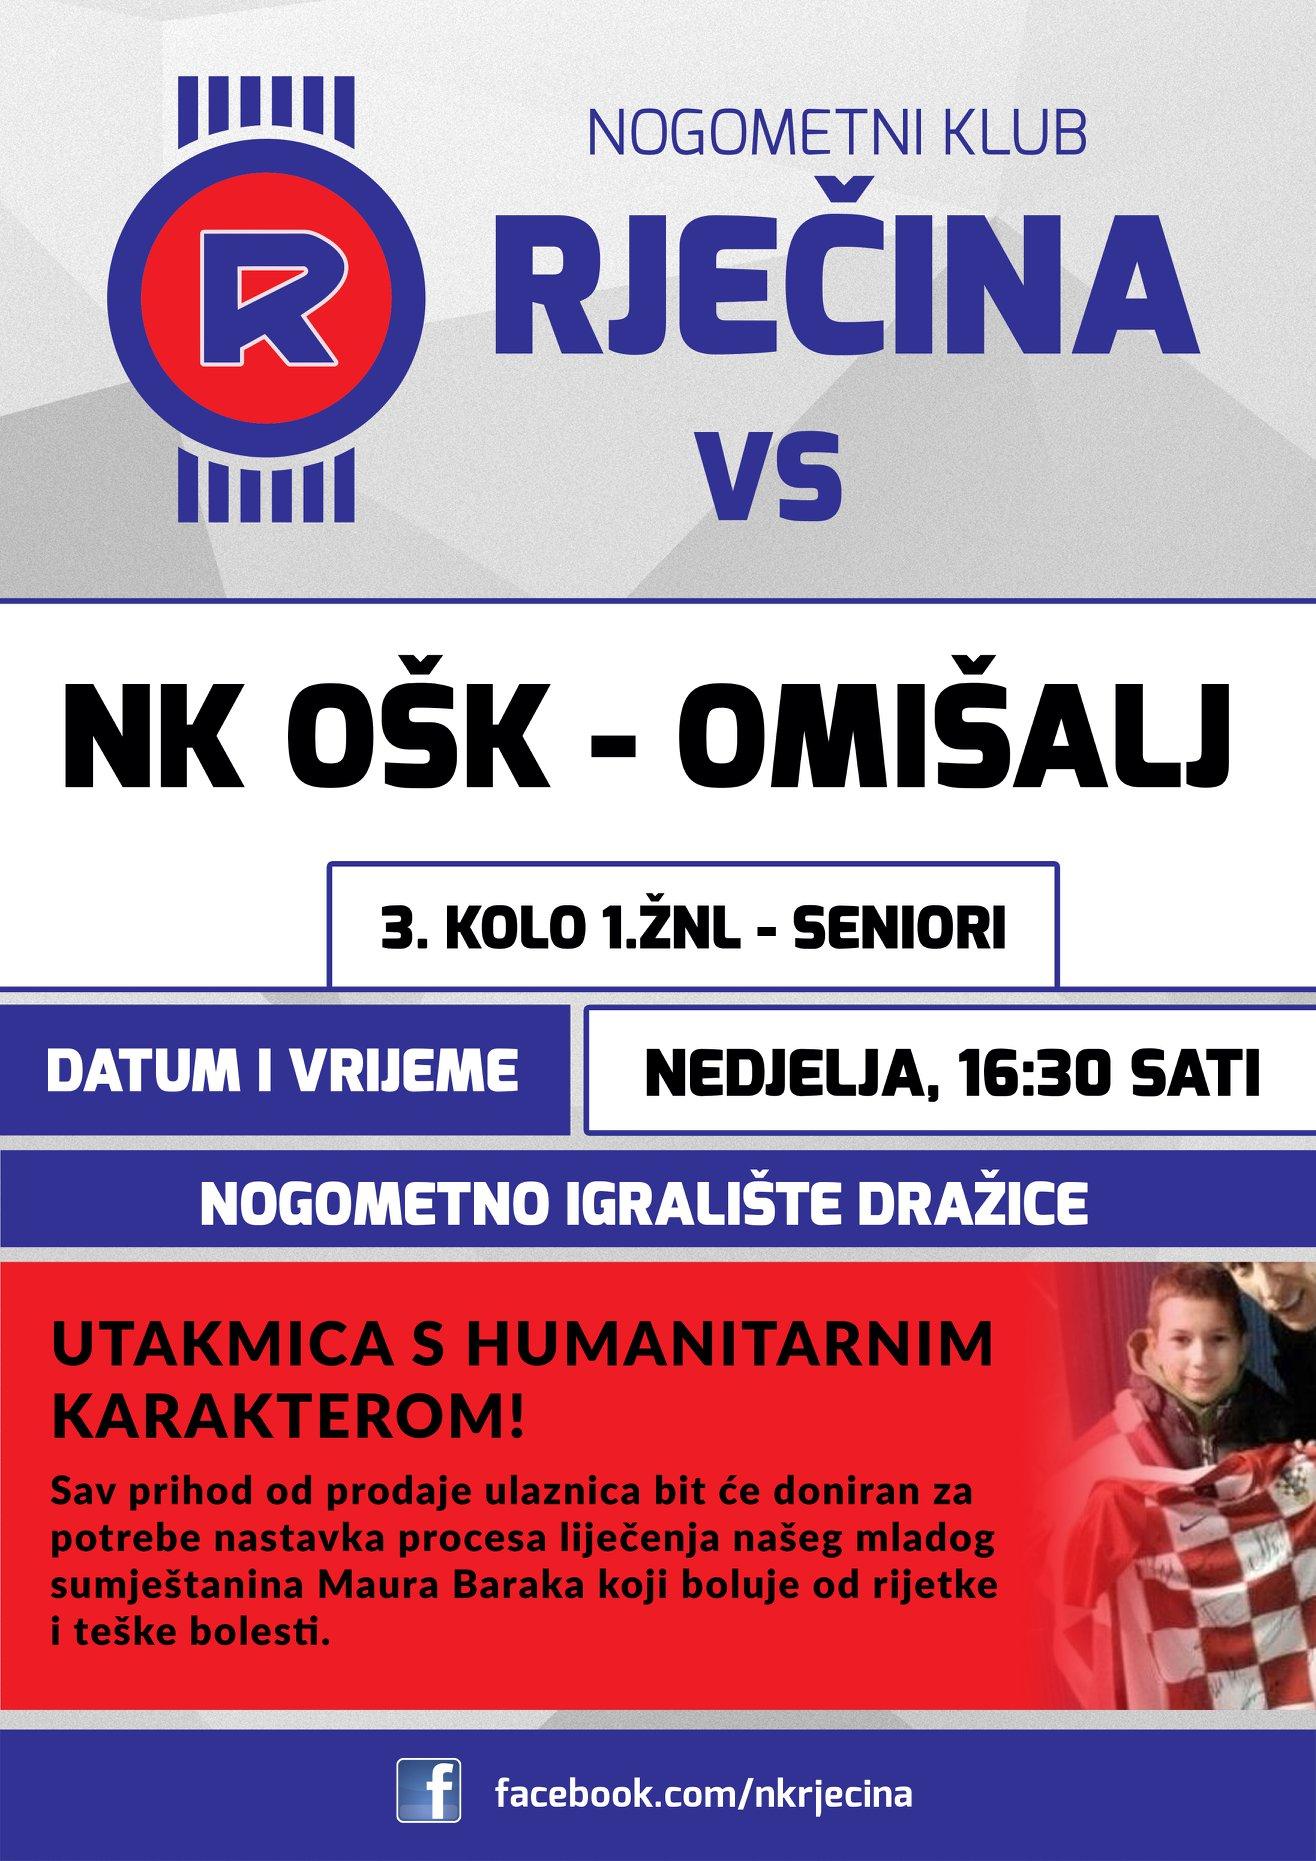 NK Rječina: Nedjeljni derbi imat će humanitarni karakter